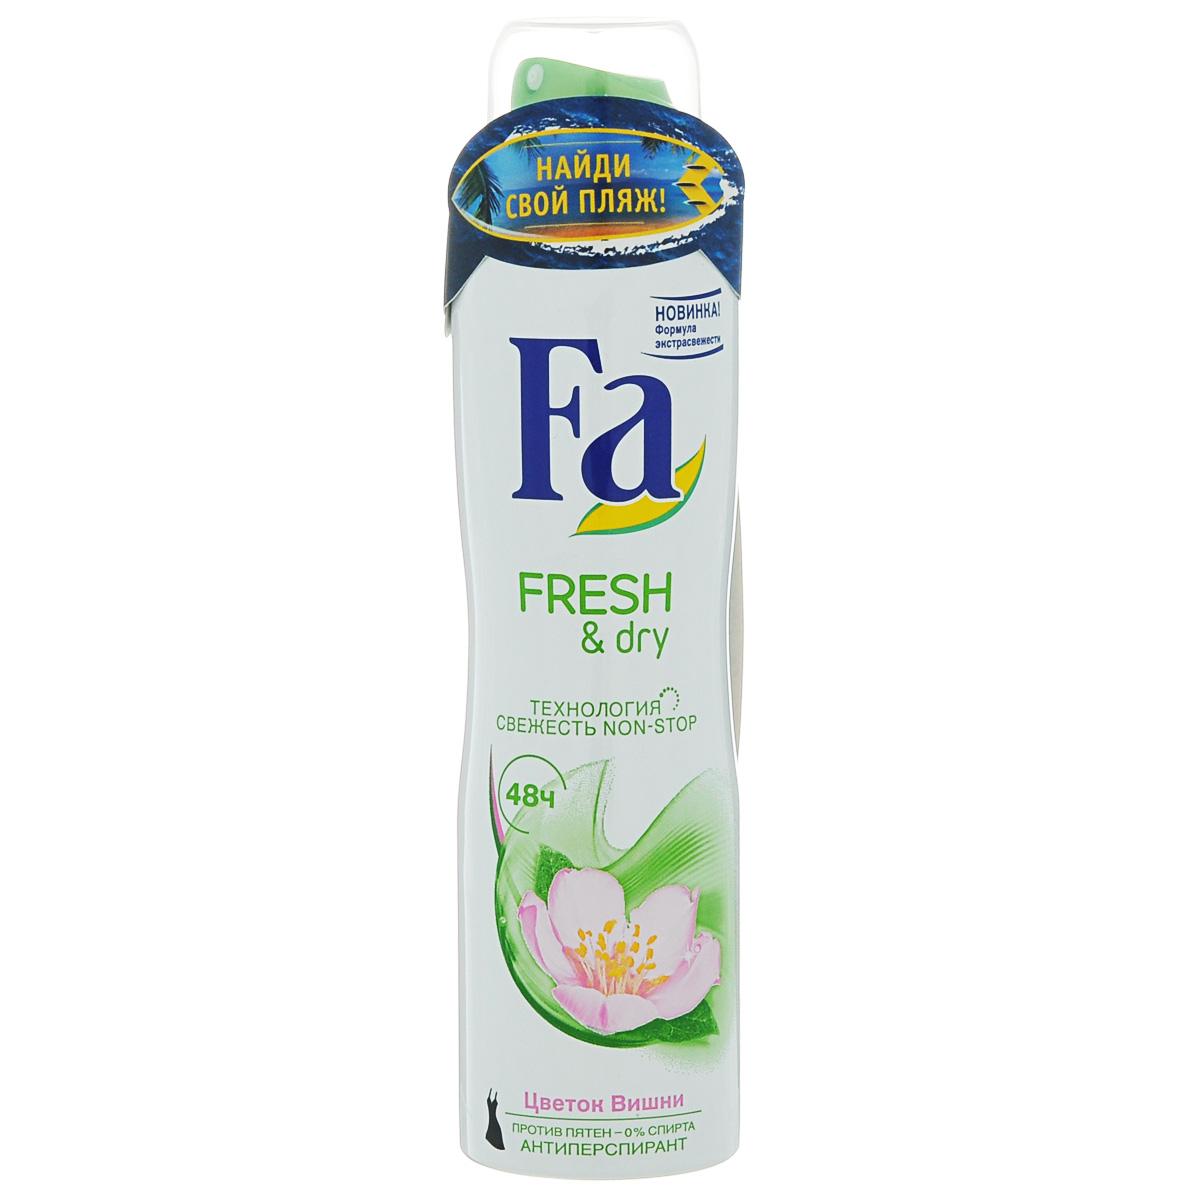 FA Дезодорант-аэрозоль женский Fresh&Dry Цветок Вишни, 150 млFS-00897Откройте для себя 48 ч. длительной део-защиты, которая нейтрализует запах и мгновенно дарит свежий аромат цветов вишни именно тогда, когда это необходимо.- Эффективная защита против запаха пота - Длительная свежесть - Без белых пятен- Хорошая переносимость кожей - Протестировано дерматологами